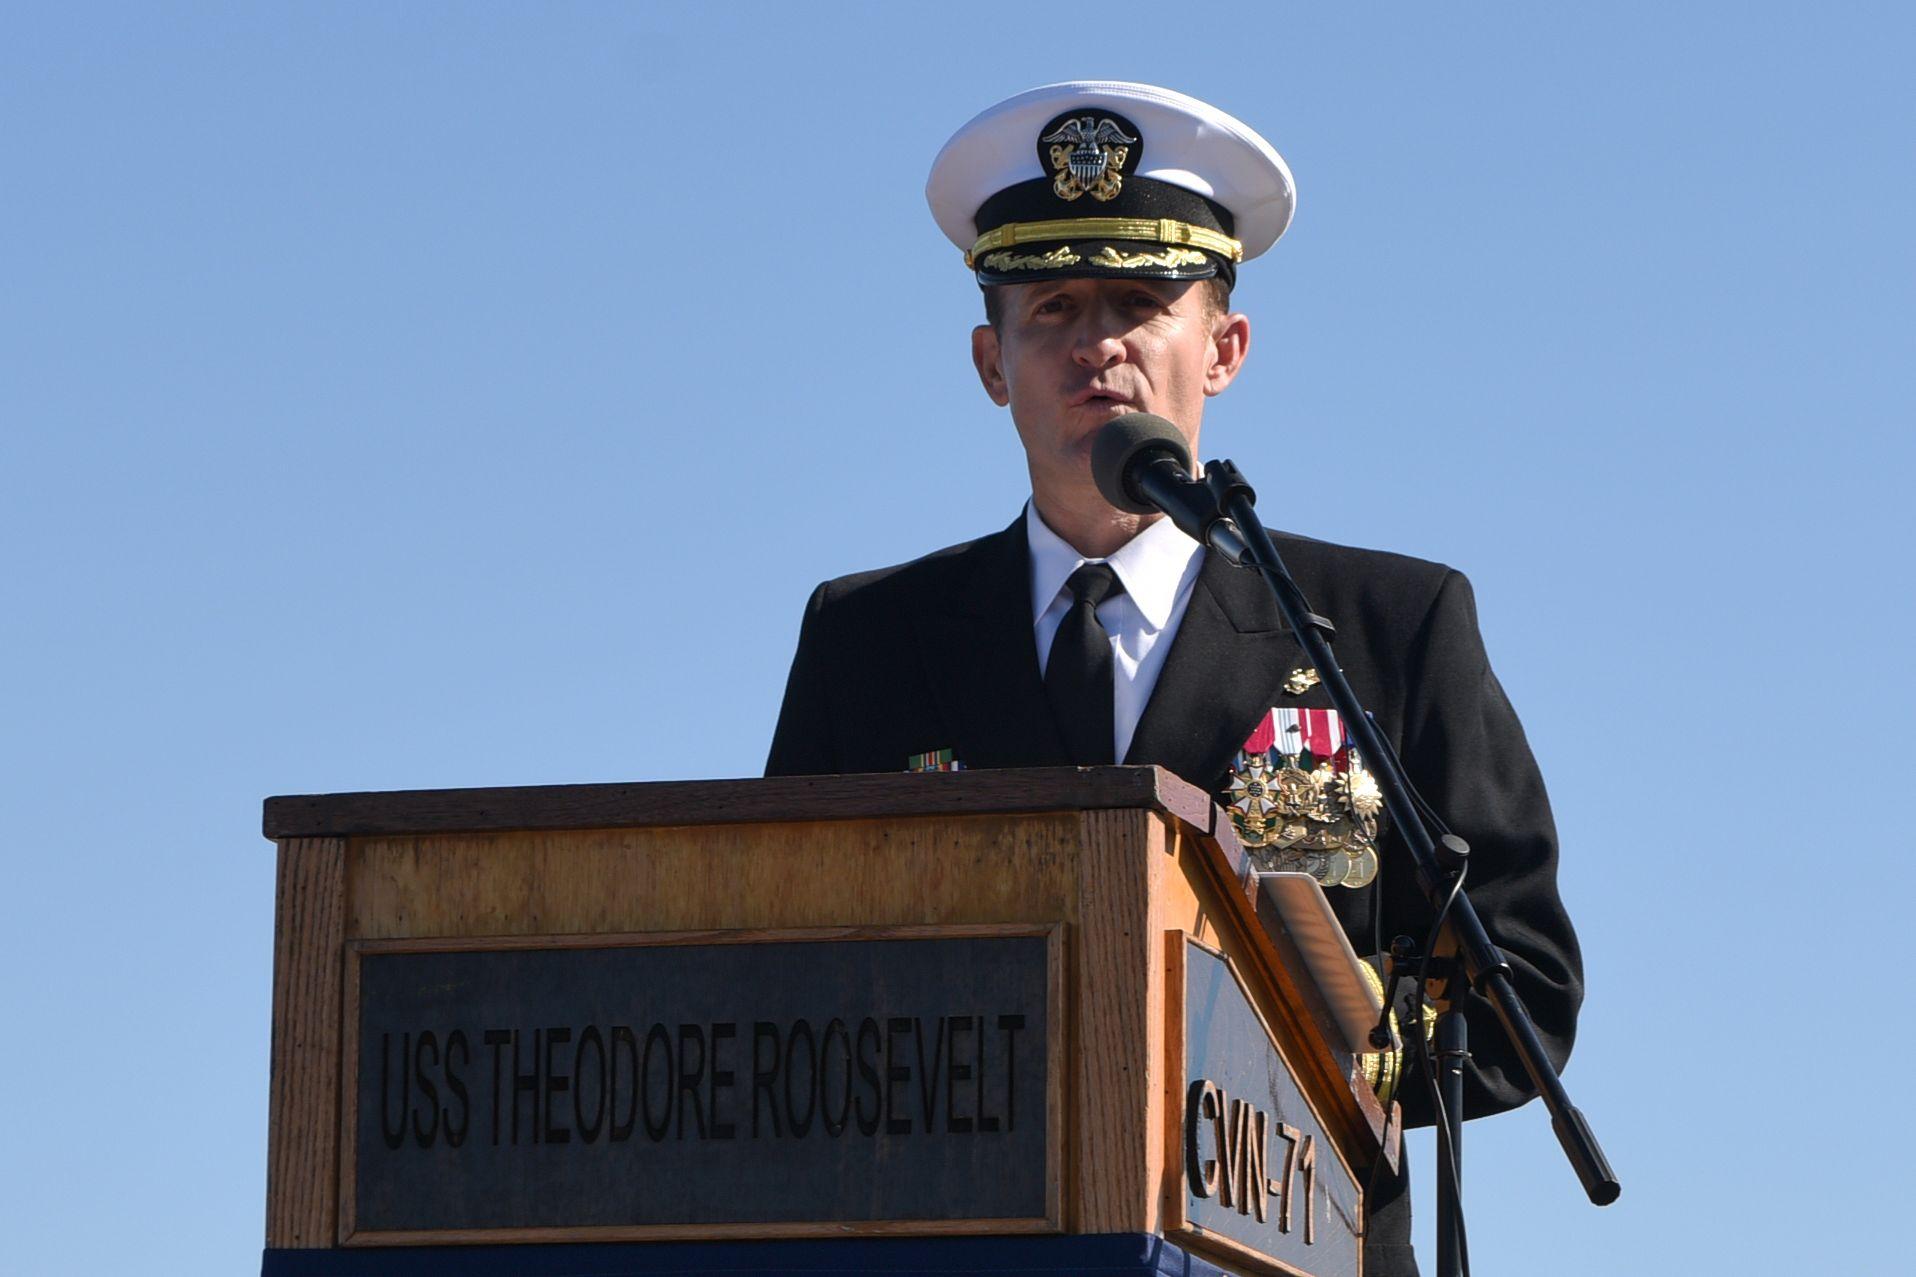 川普總統說,克羅齊爾(圖)是航空母艦艦長,身在軍中,卻對媒體發布公開信,「他以為他是海明威」。(Getty Images)